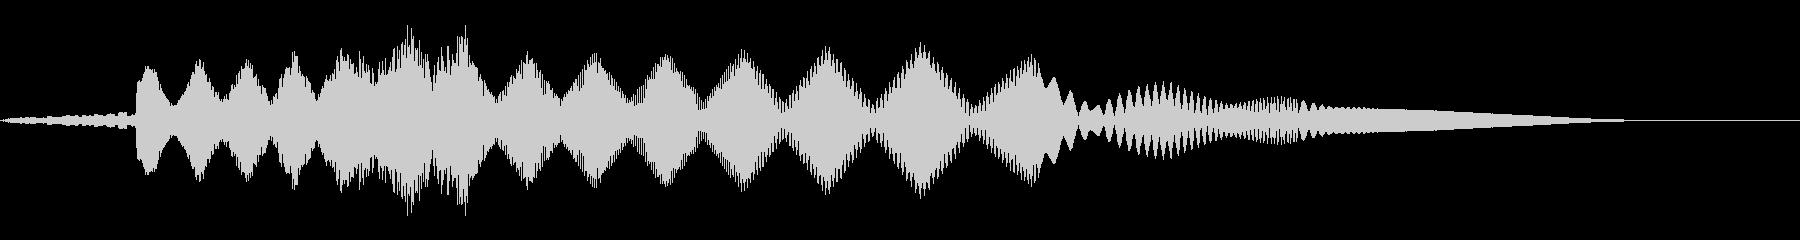 ピョーイ(ノイズ/不思議/ファミコン宇宙の未再生の波形